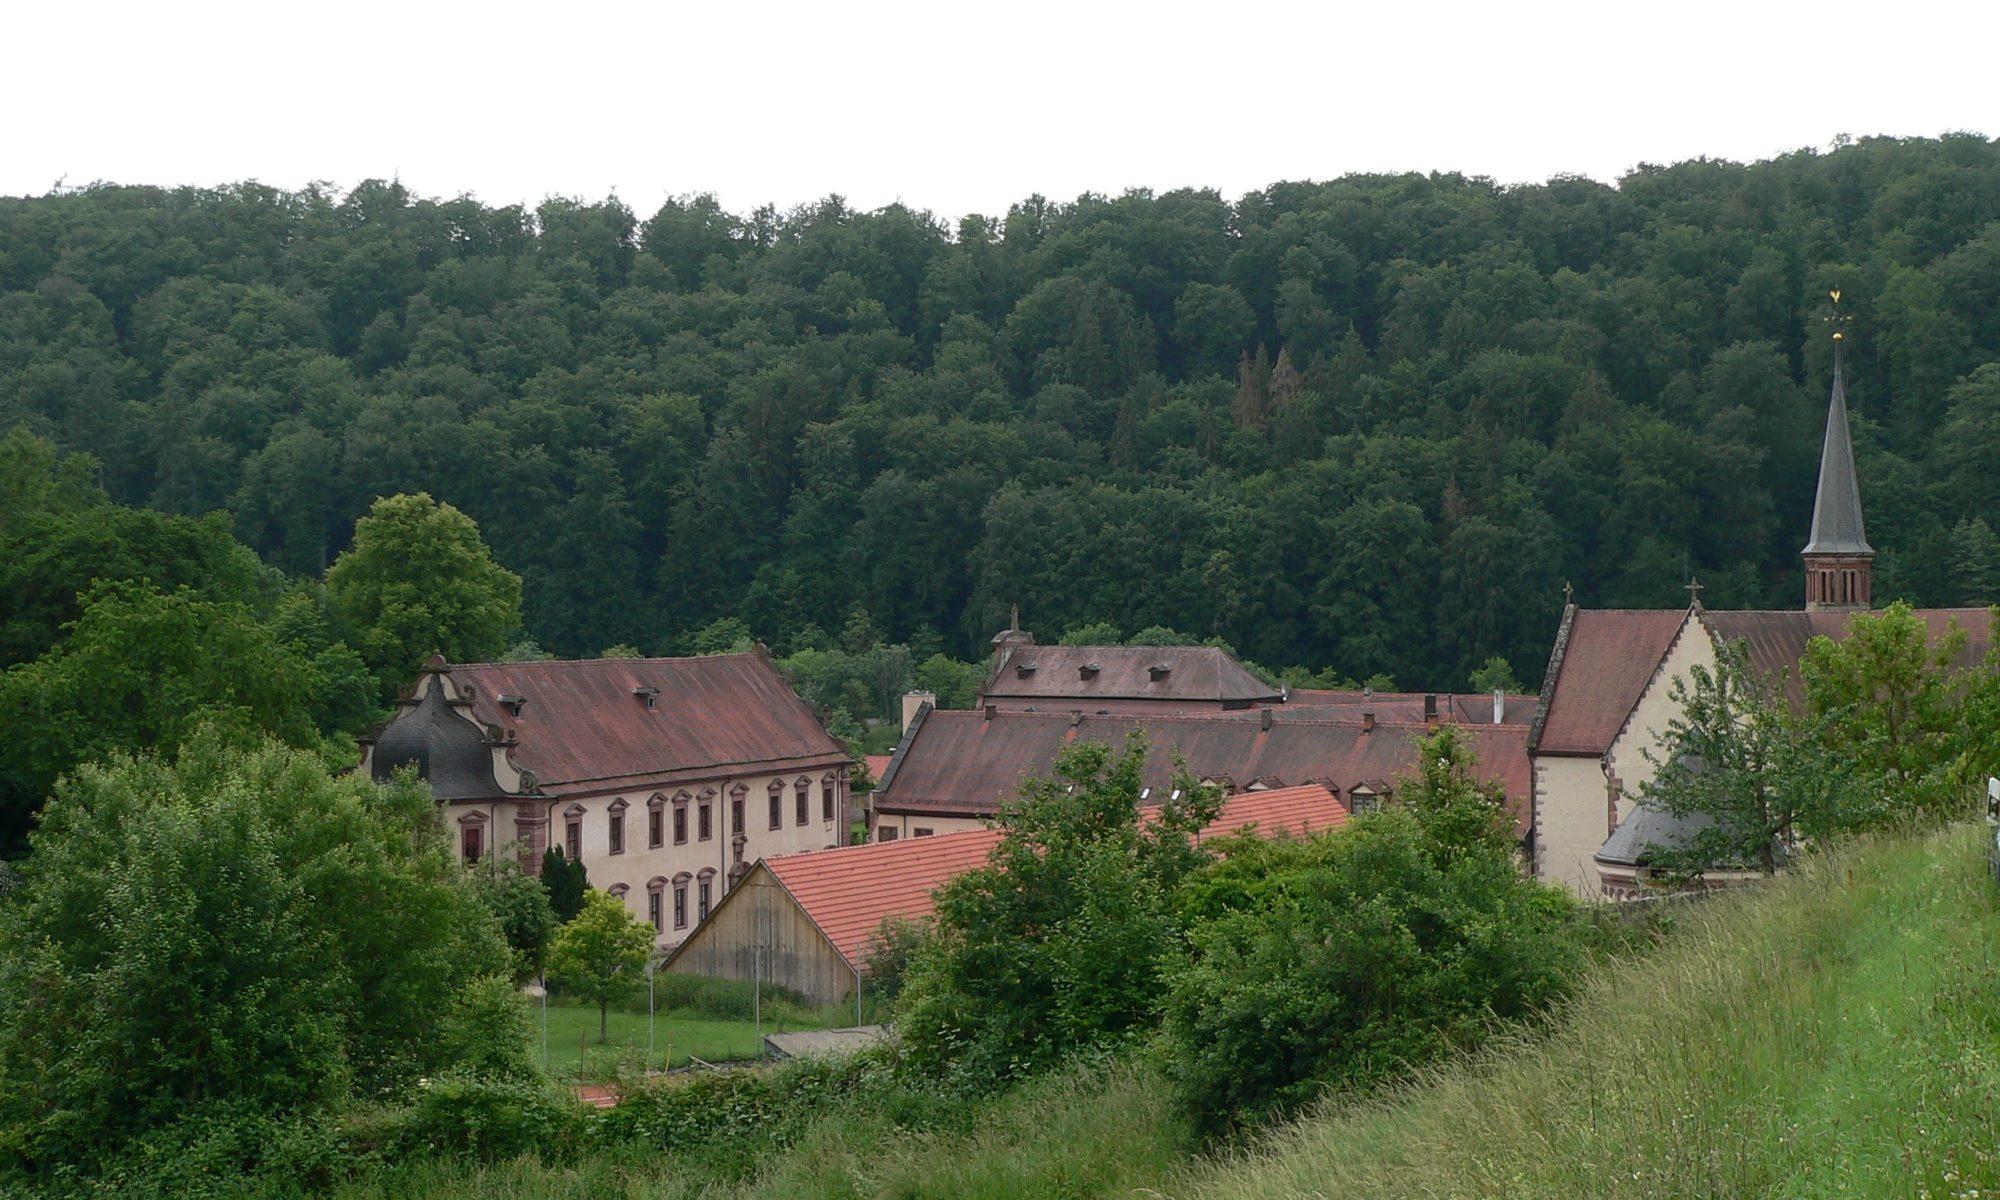 Kloster Bronnbach im tal der Tauber südlich von Wertheim. | Foto: B. Schneider